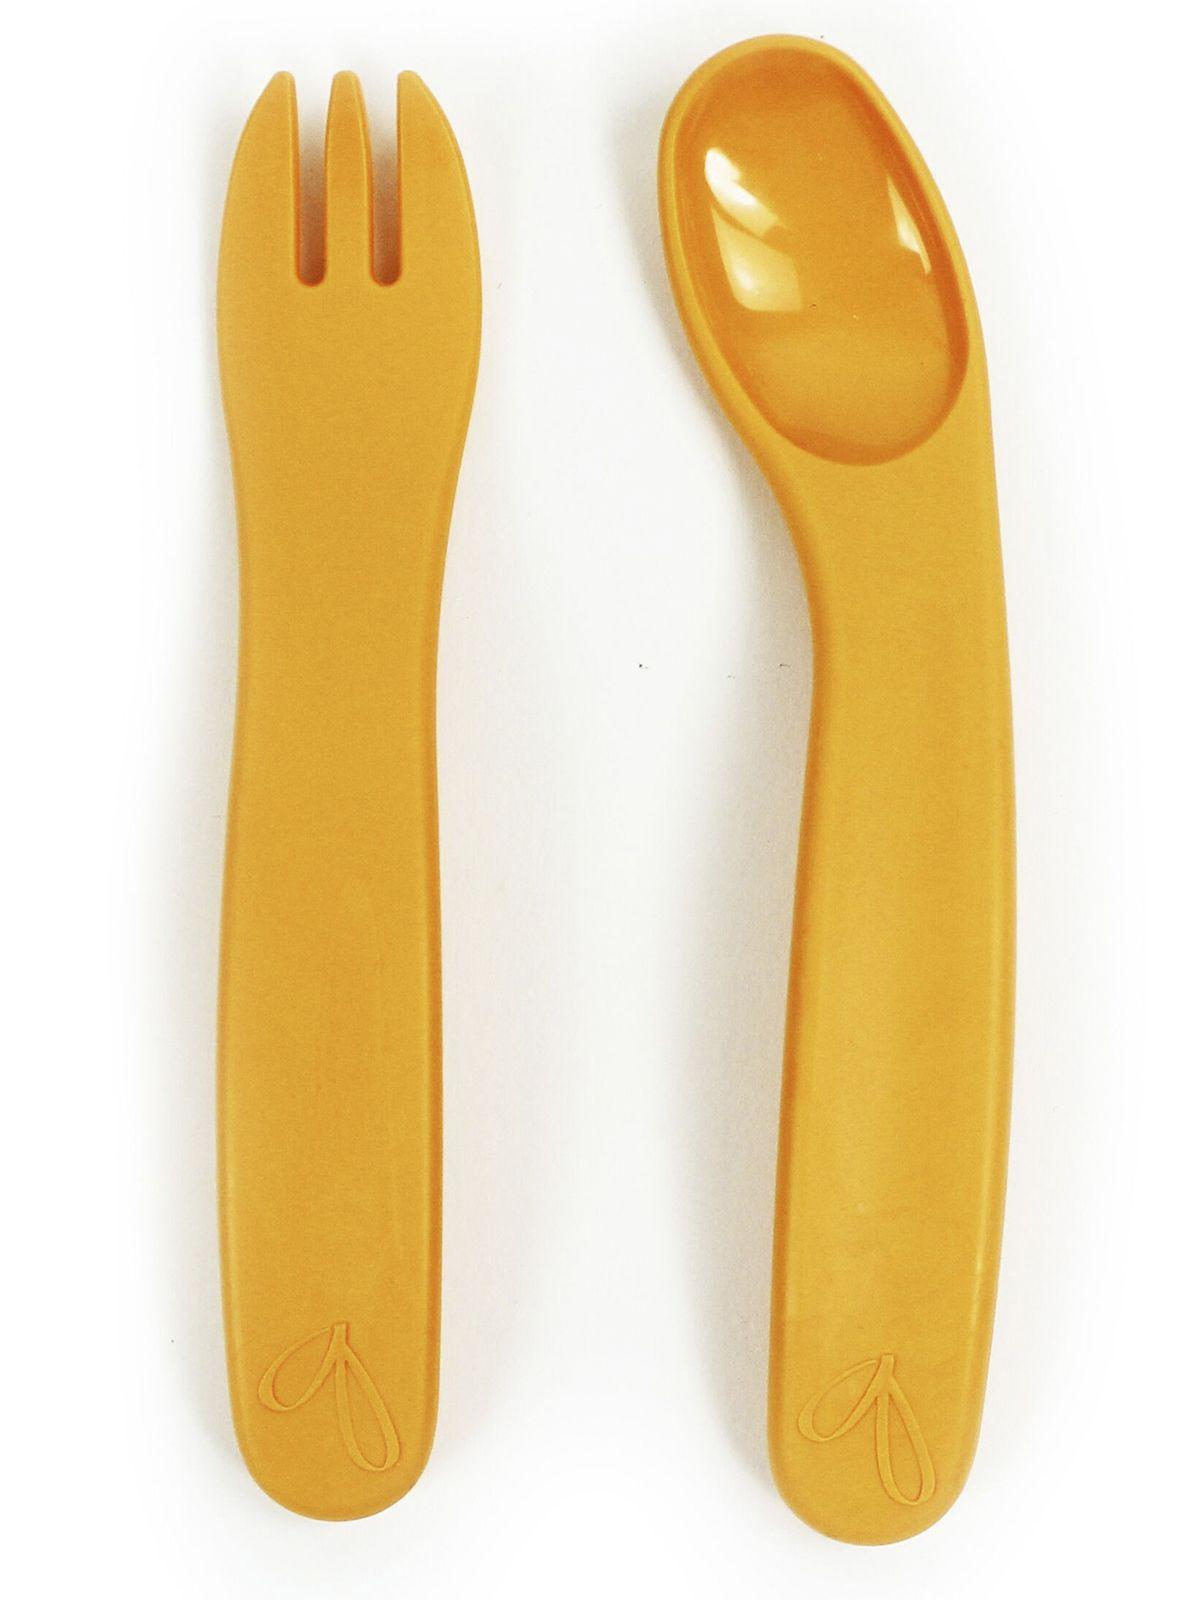 Пинкл (Pinkl) | Набор для кормления ergoFORK оранжевый | Jjrabbit Ergofork Spoon Orange